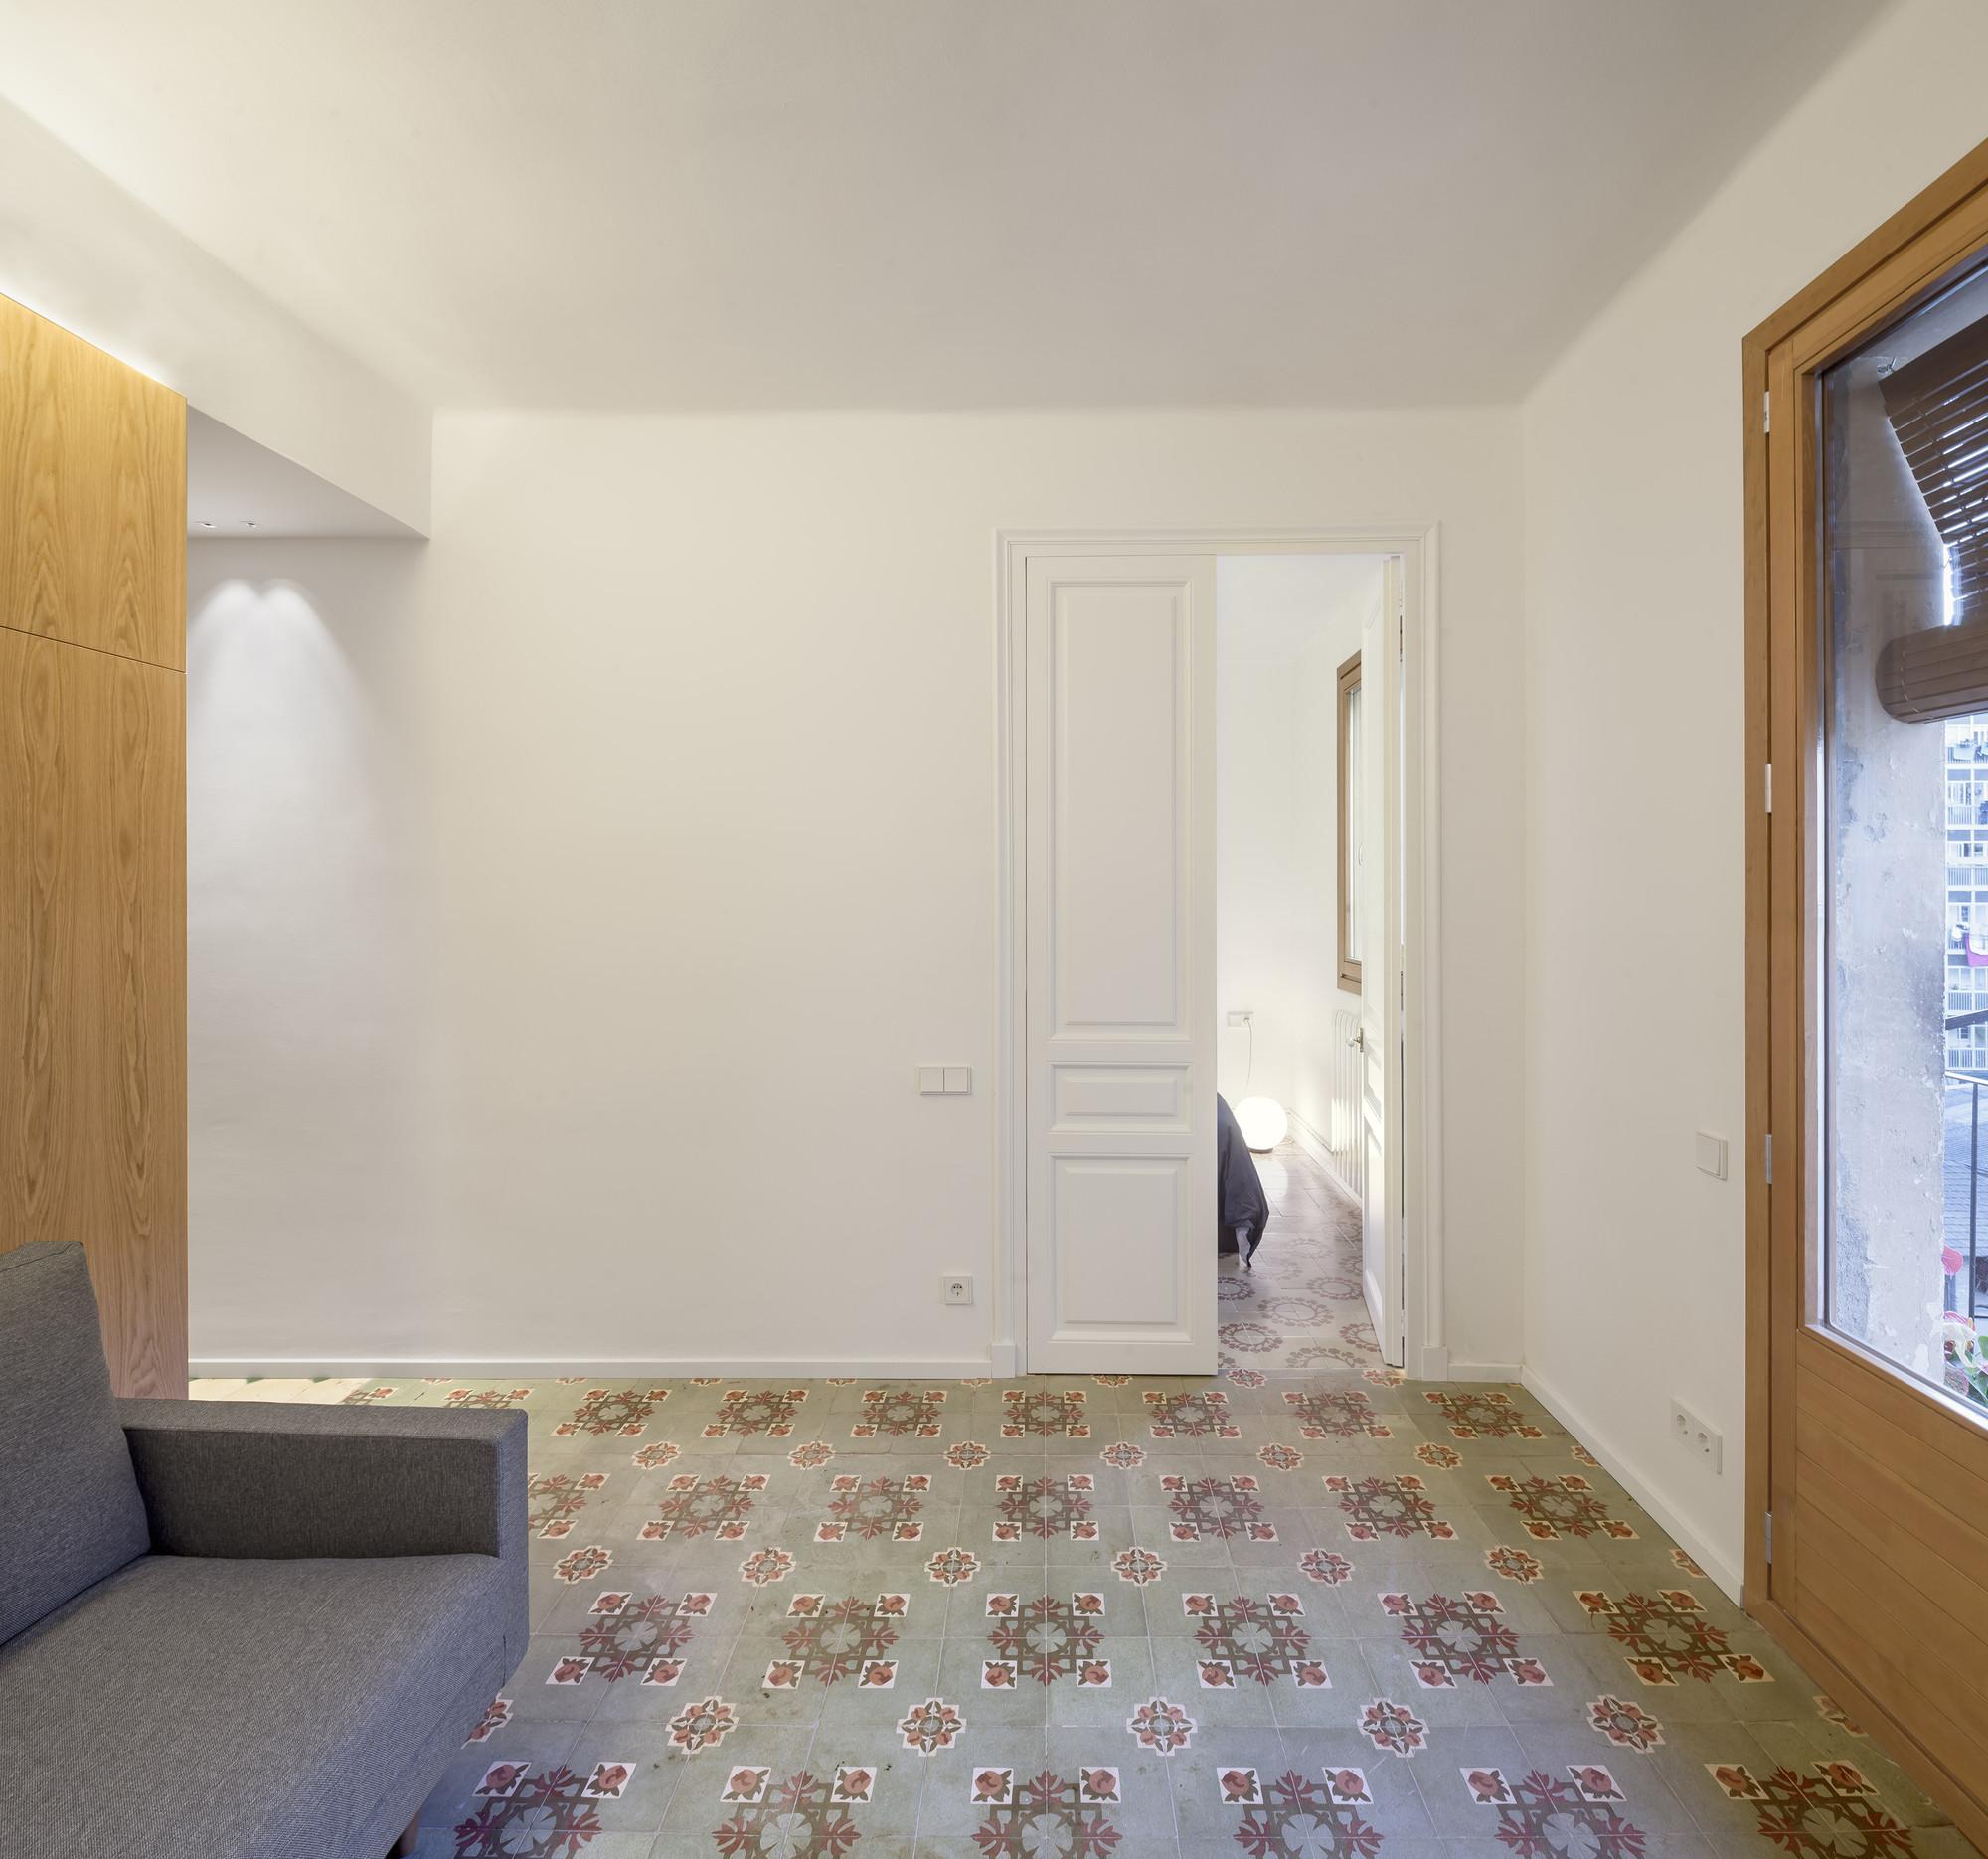 Reformas Baños Nou Barris:Reforma Apartamento en Barcelona / Alventosa Morell Arquitectes